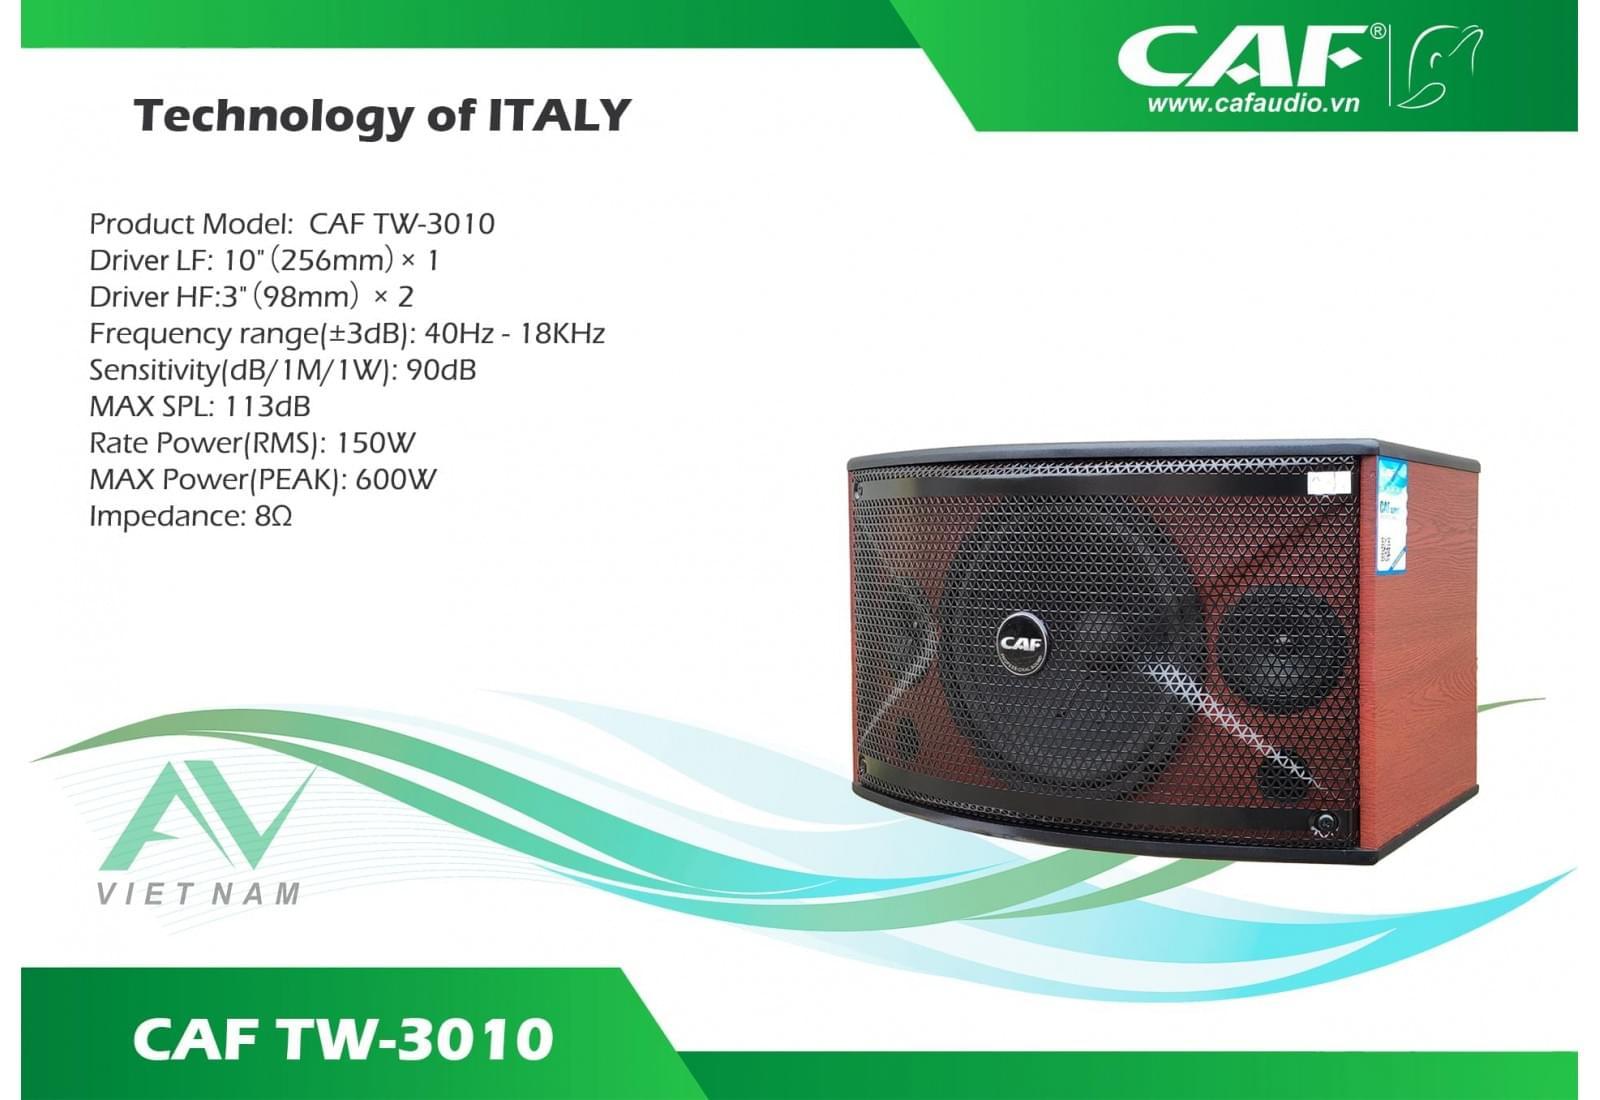 CAF TW-3010